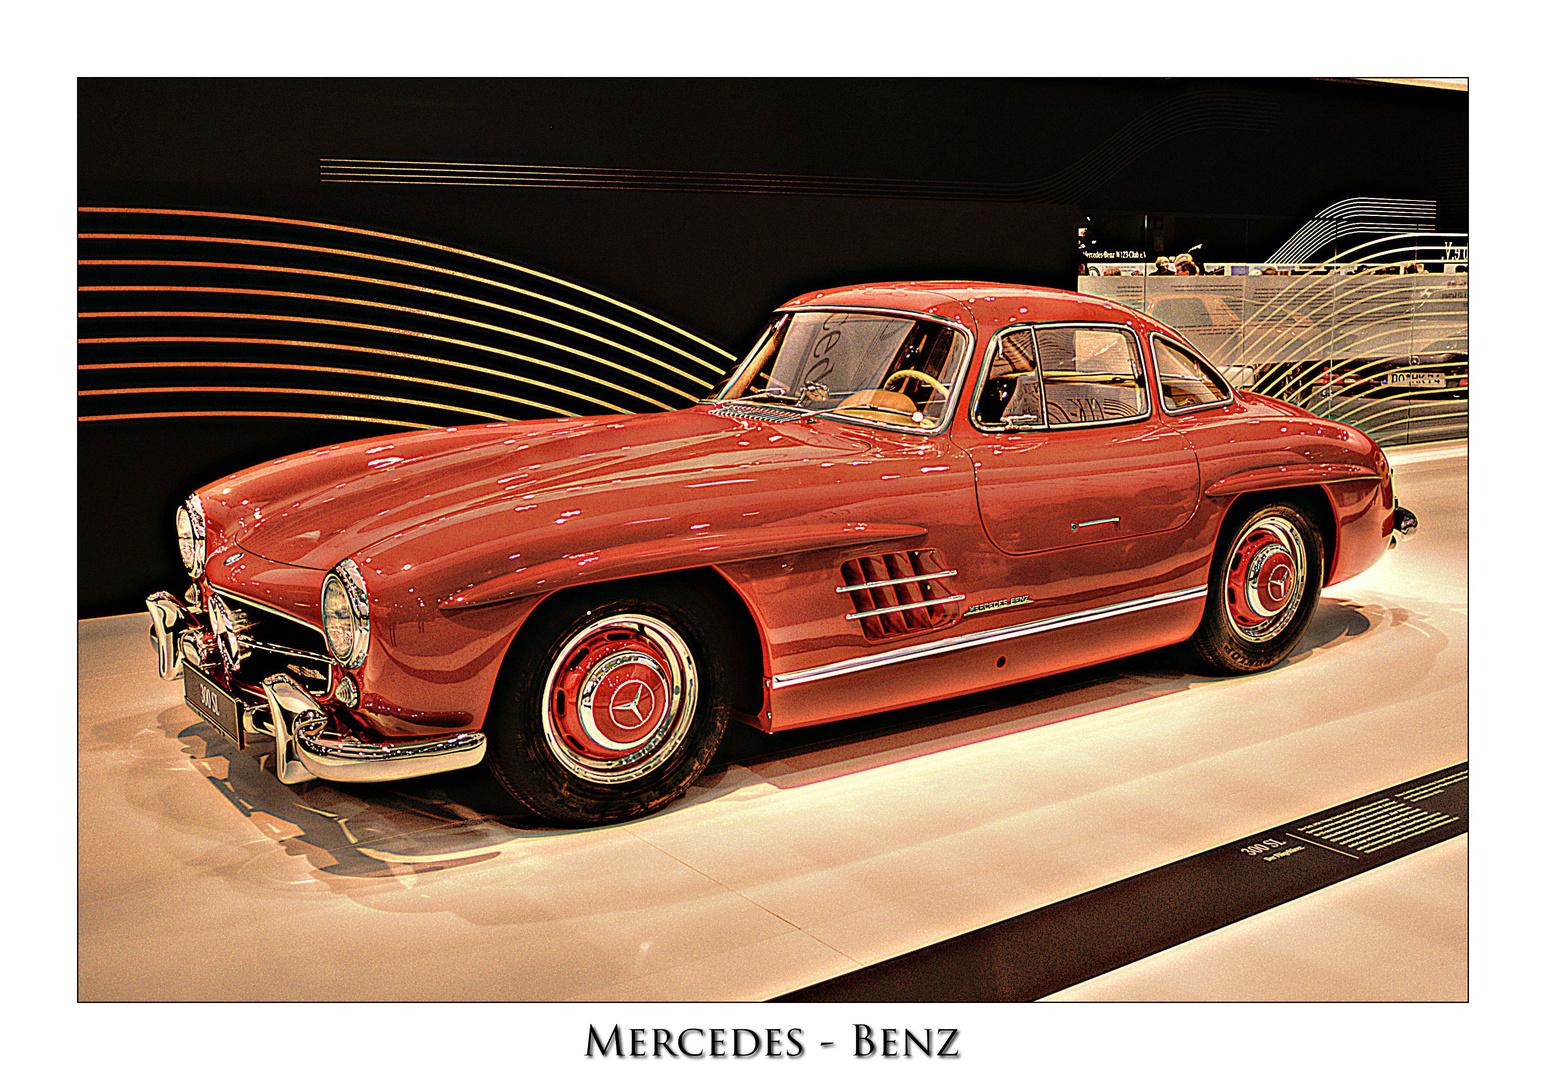 Mercedes - Benz Flügeltürer